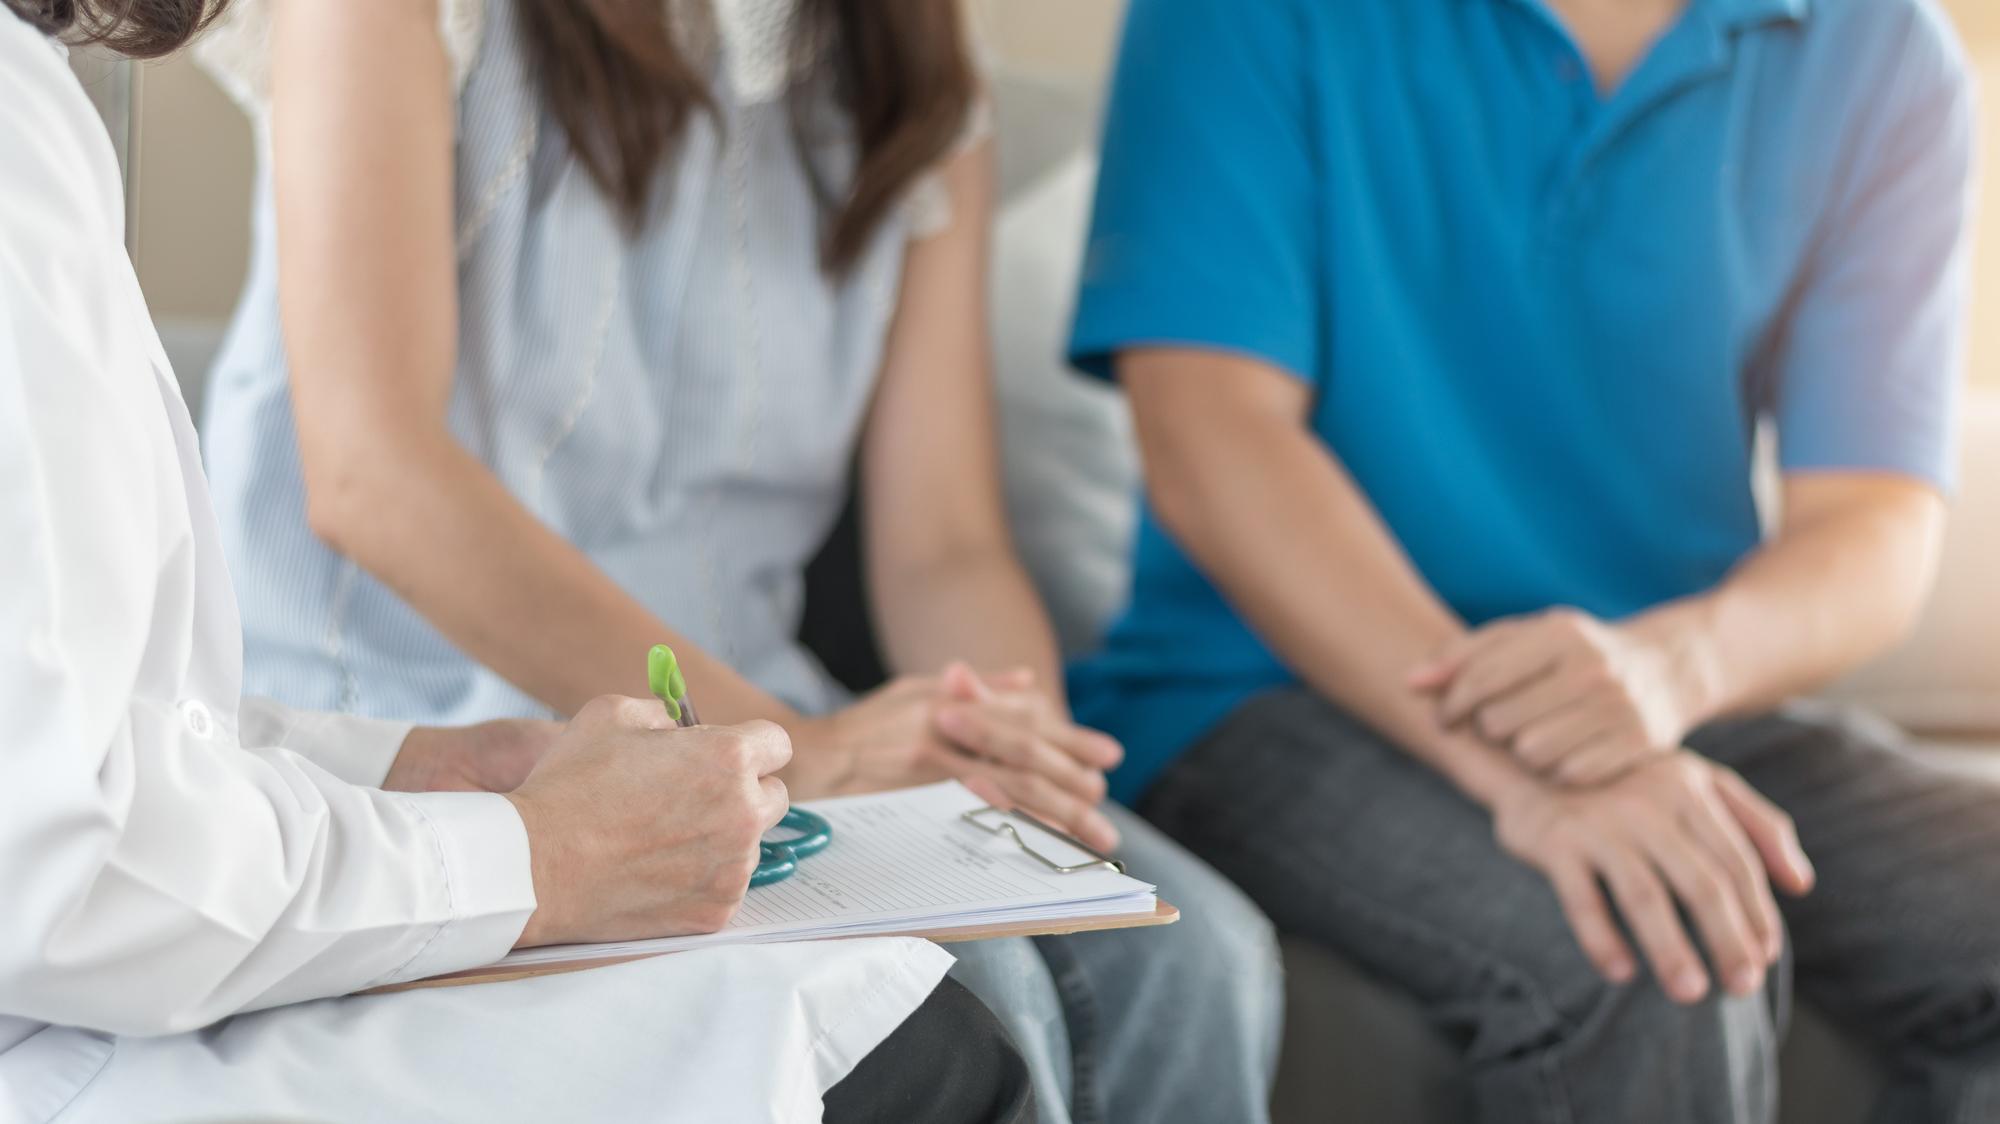 排卵日を知る方法【1】医療機関での検査によるタイミング療法